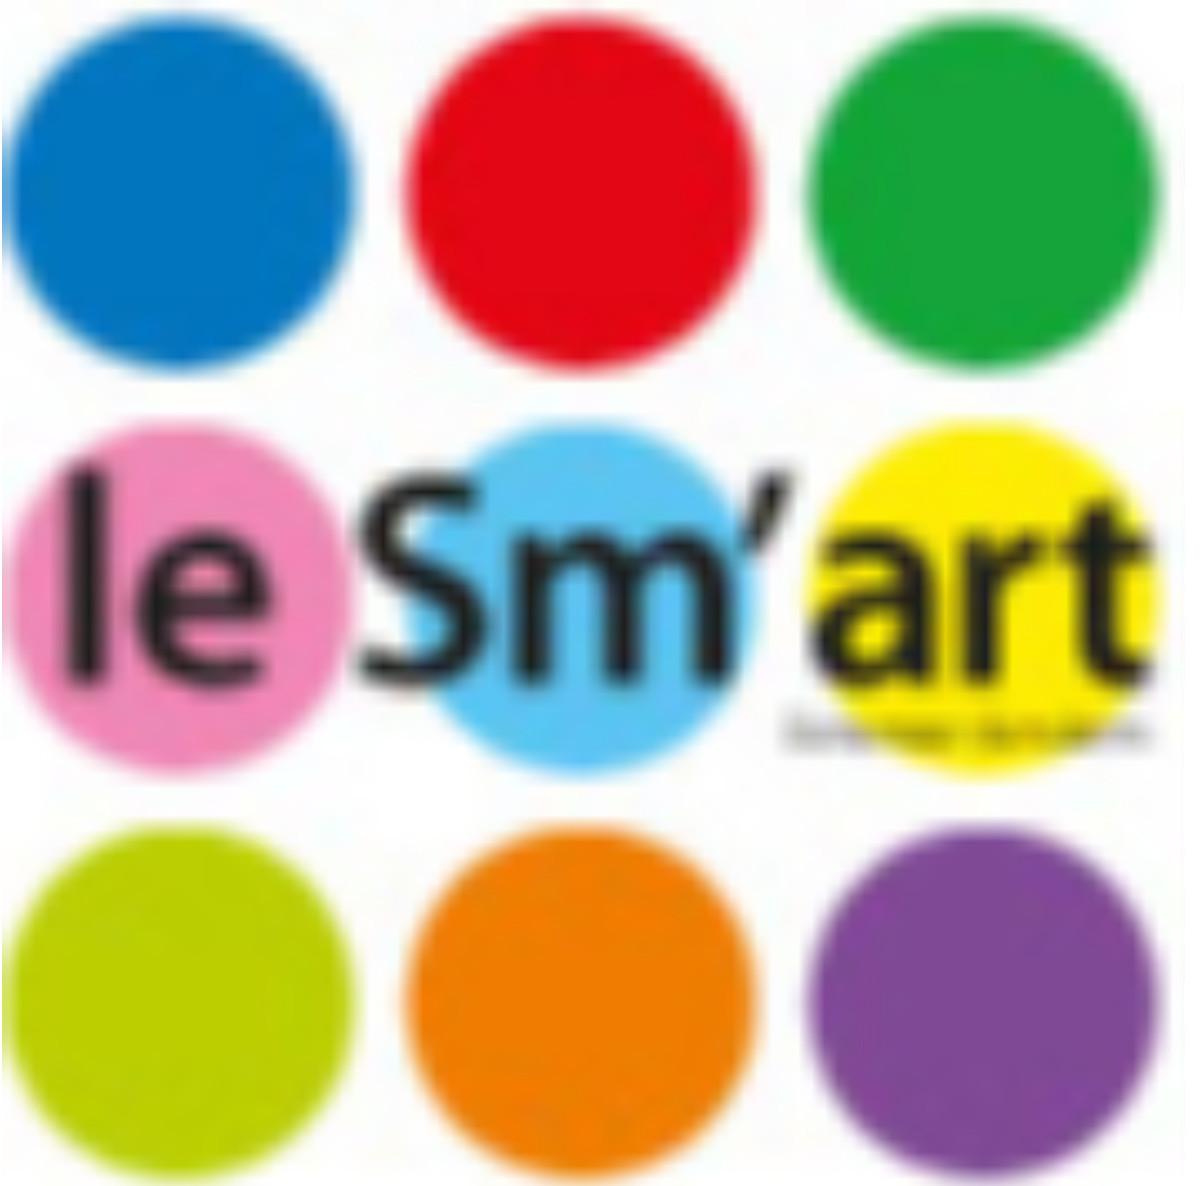 LE SM'ART à AIX-EN-PROVENCE sur le site d'ARTactif